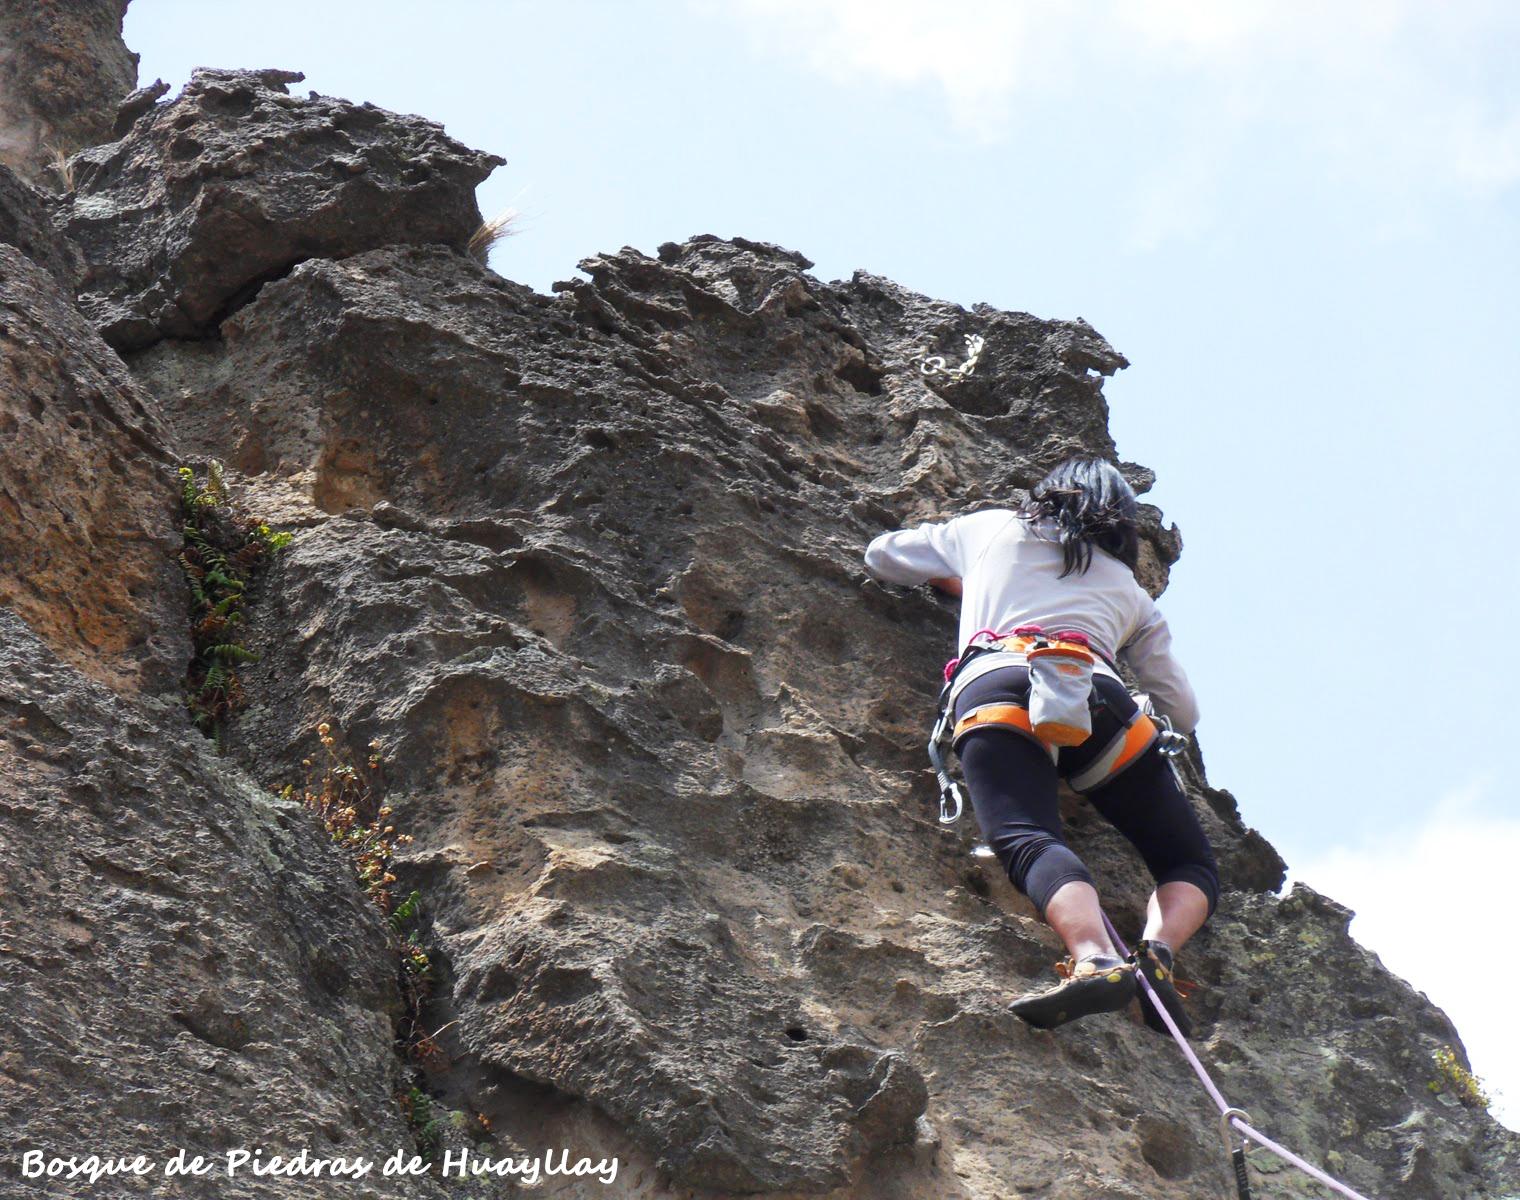 Actividades extremas en Huayllay. Foto: deaventura.pe